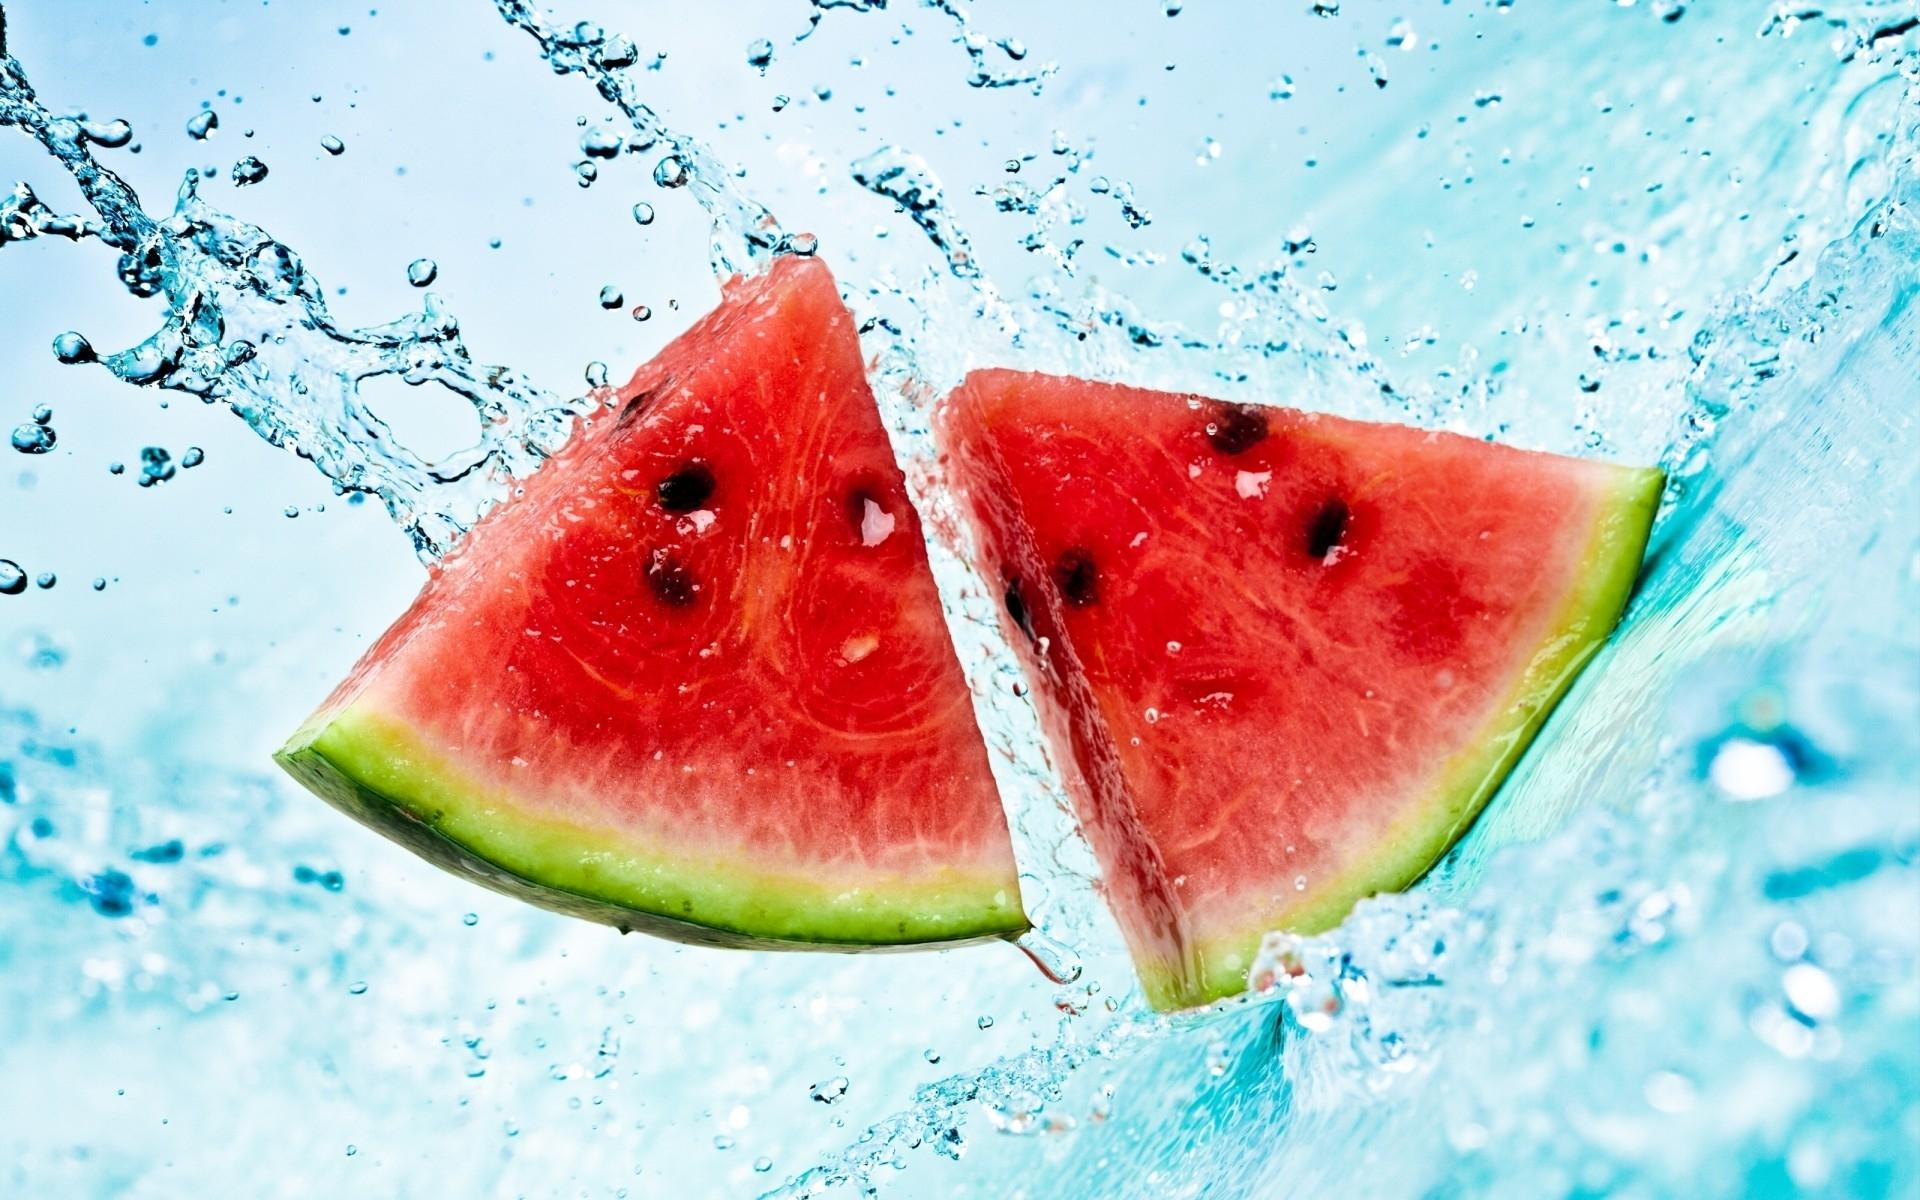 обои арбуз, красный, сочный, семечки картинки фото